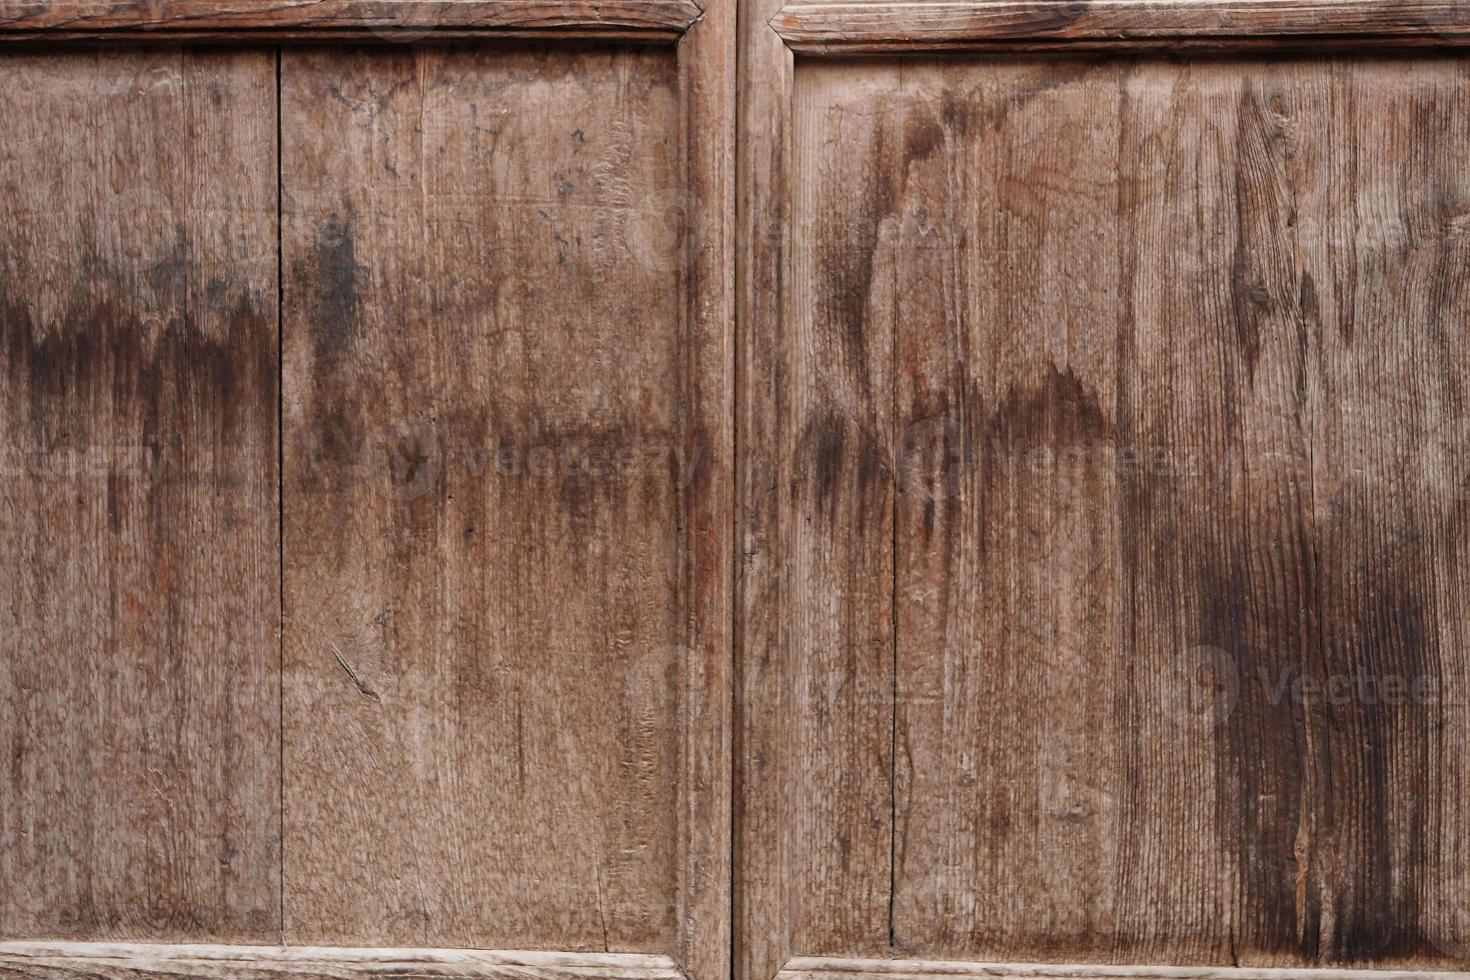 residências chinesas tradicionais tectura de madeira interior foto